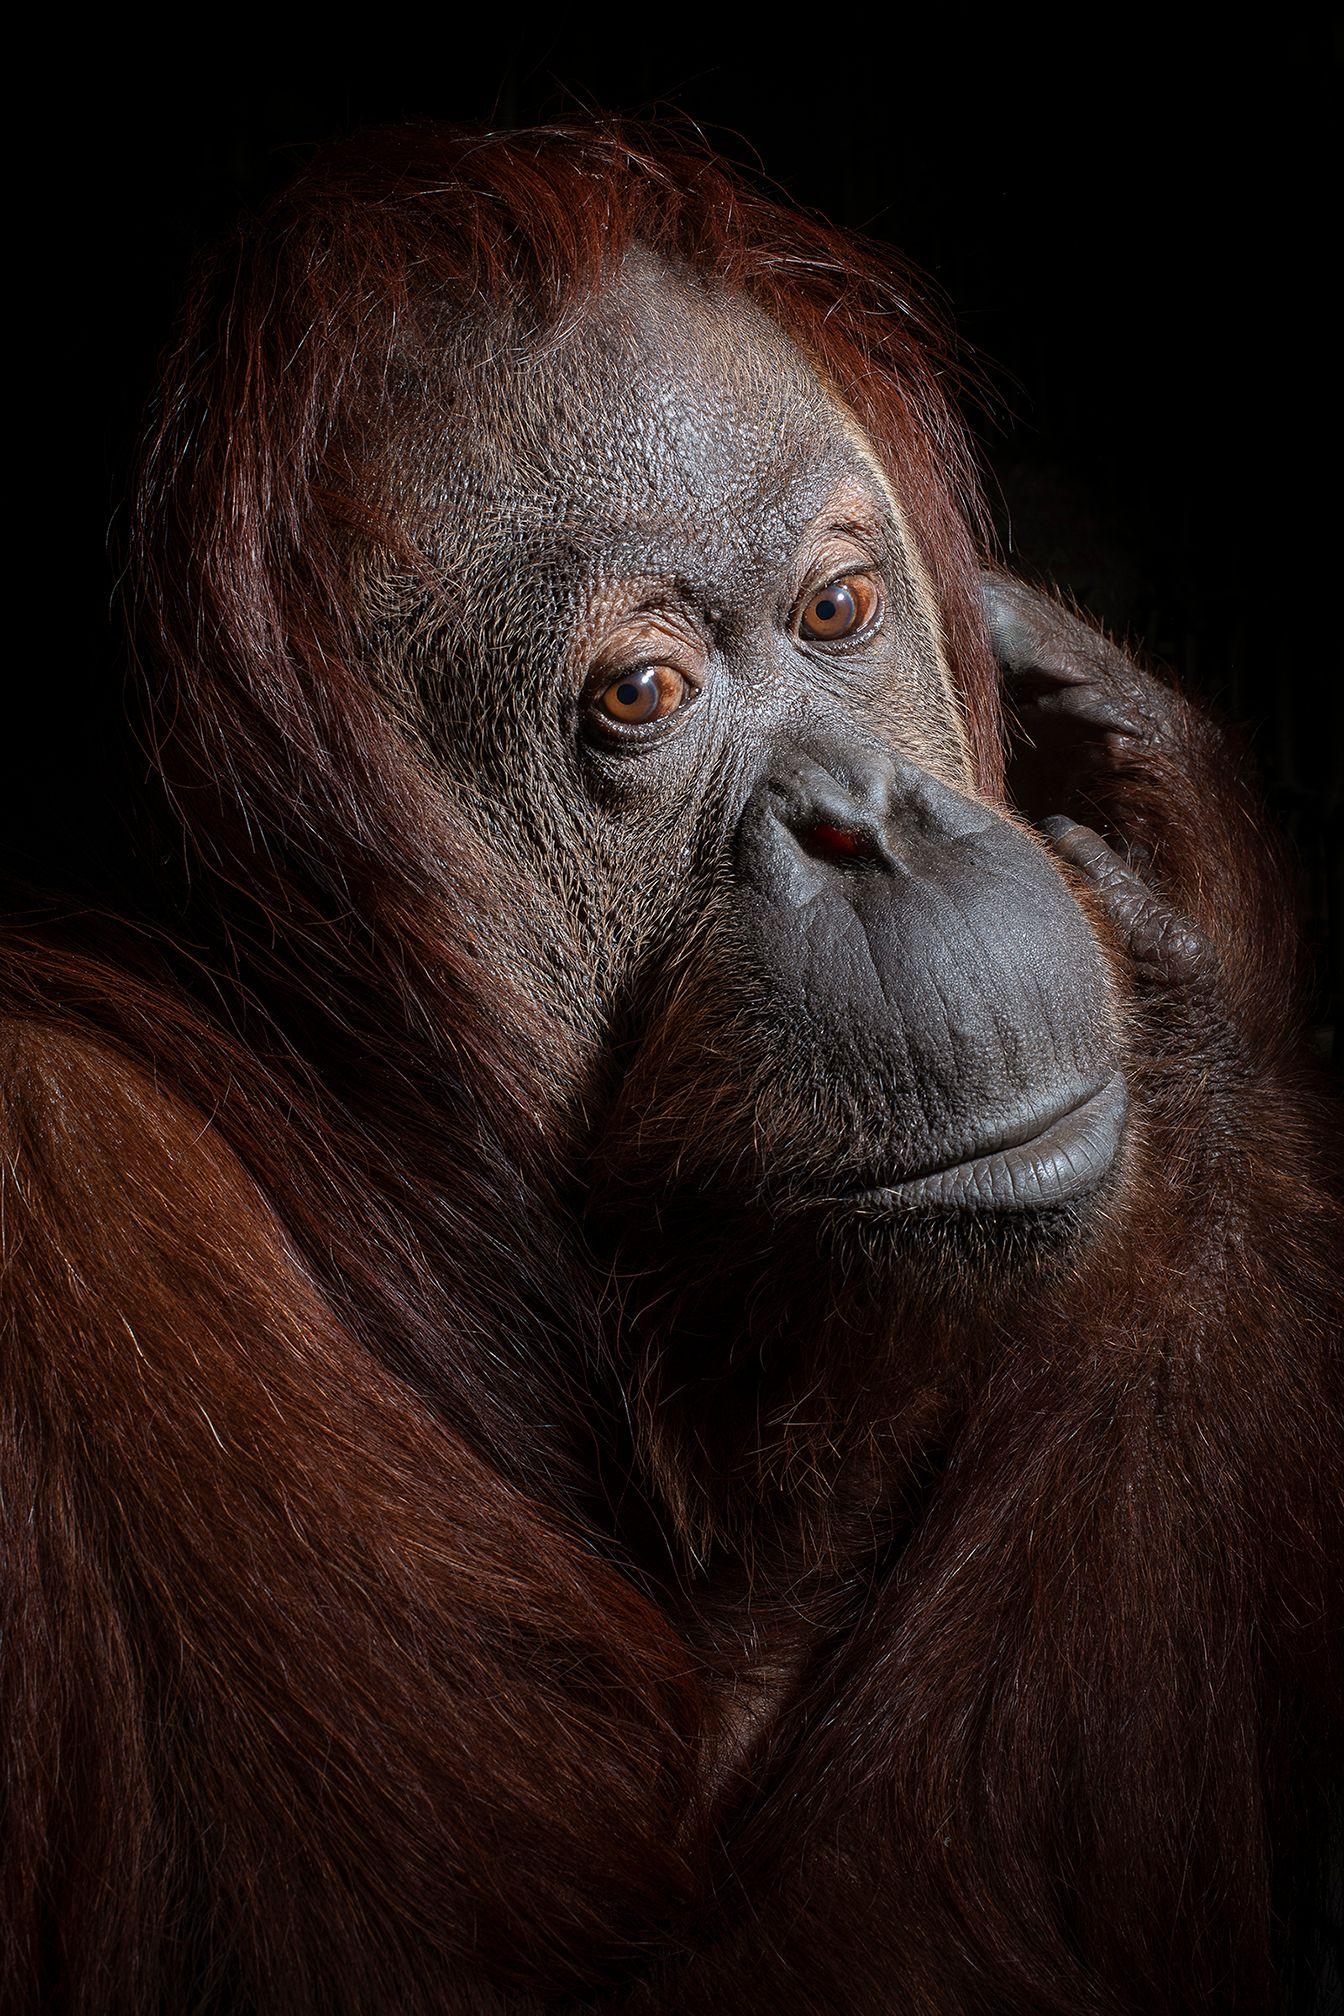 06_USA_FL_Center_for_Great_Apes_Sandra_6339.jpg